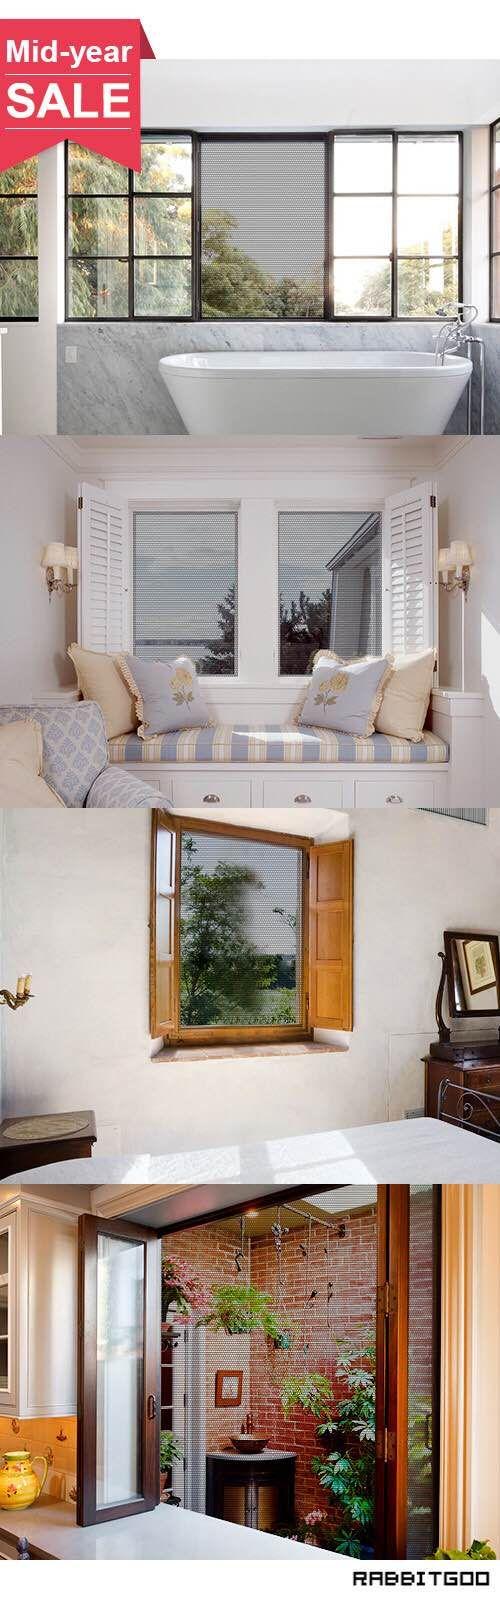 @rabbitgooing Rabbitgoo Fliegengitter für Fenster Mückennetze Moskitonetz Gaze Fenster Insektenschutz, selbstklebend, Klettverschluss, anthrazit, durchsichtig, 1,3m x 1,5m